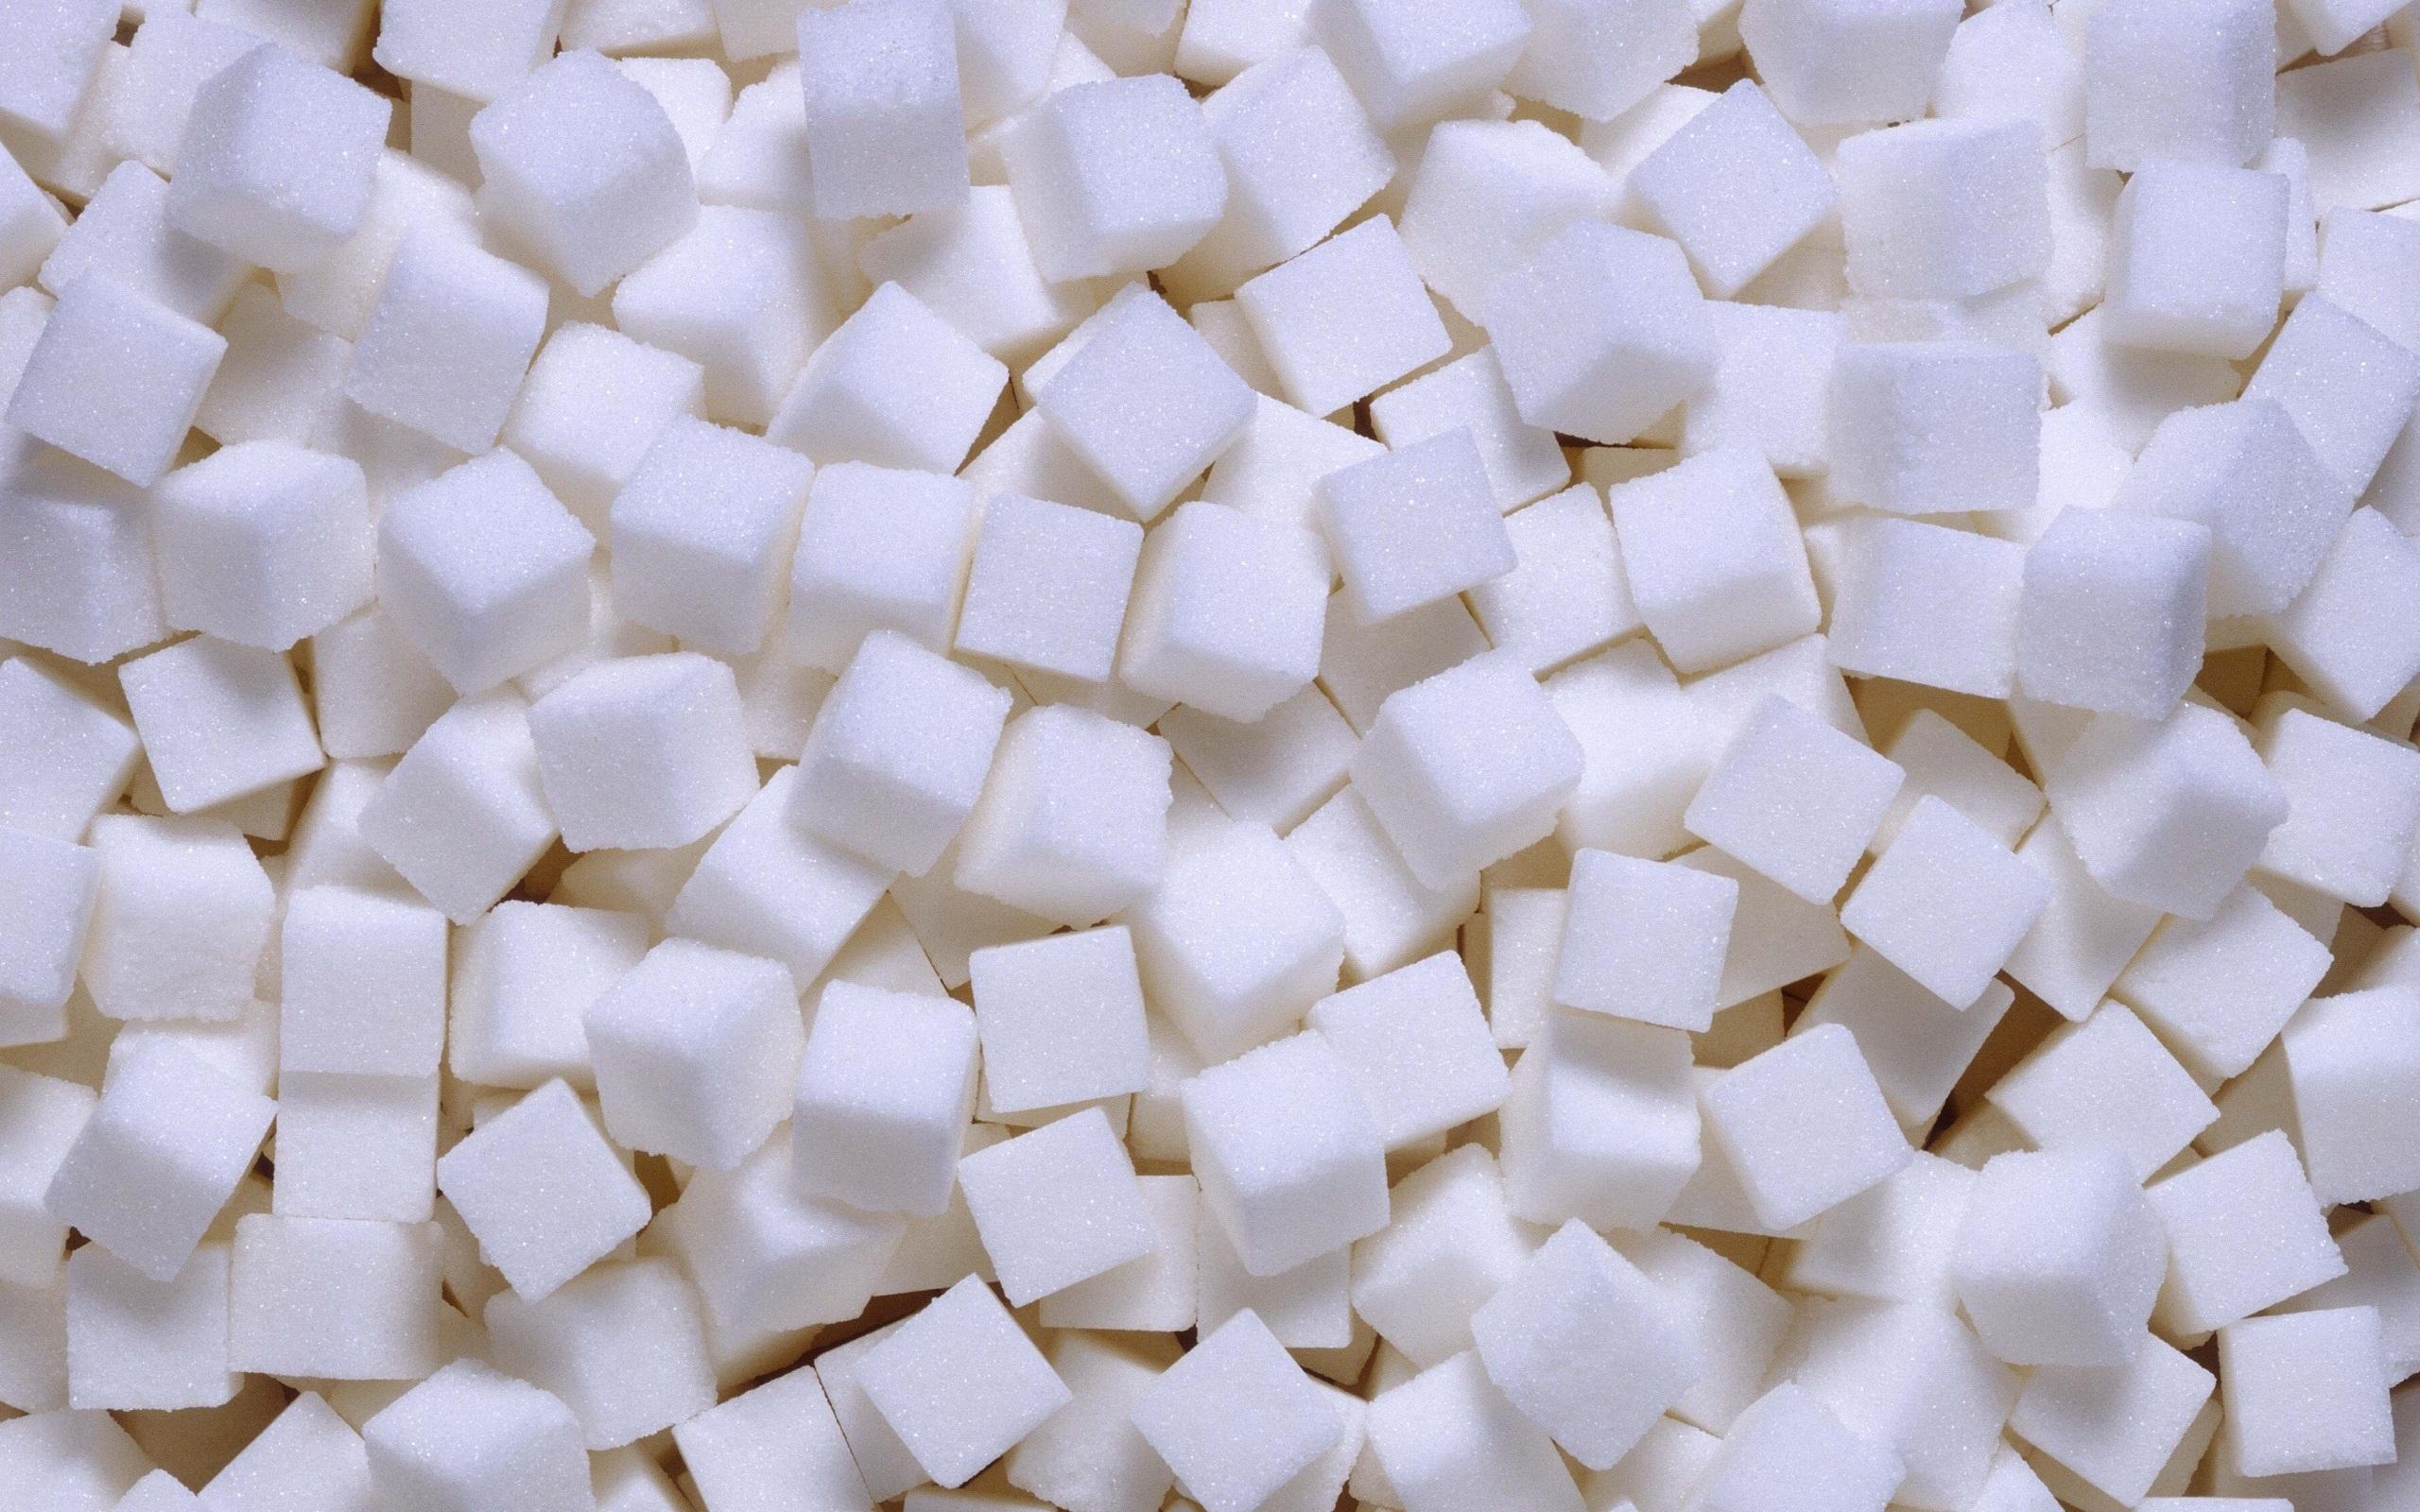 Как приготовить сахарный сироп для самогона